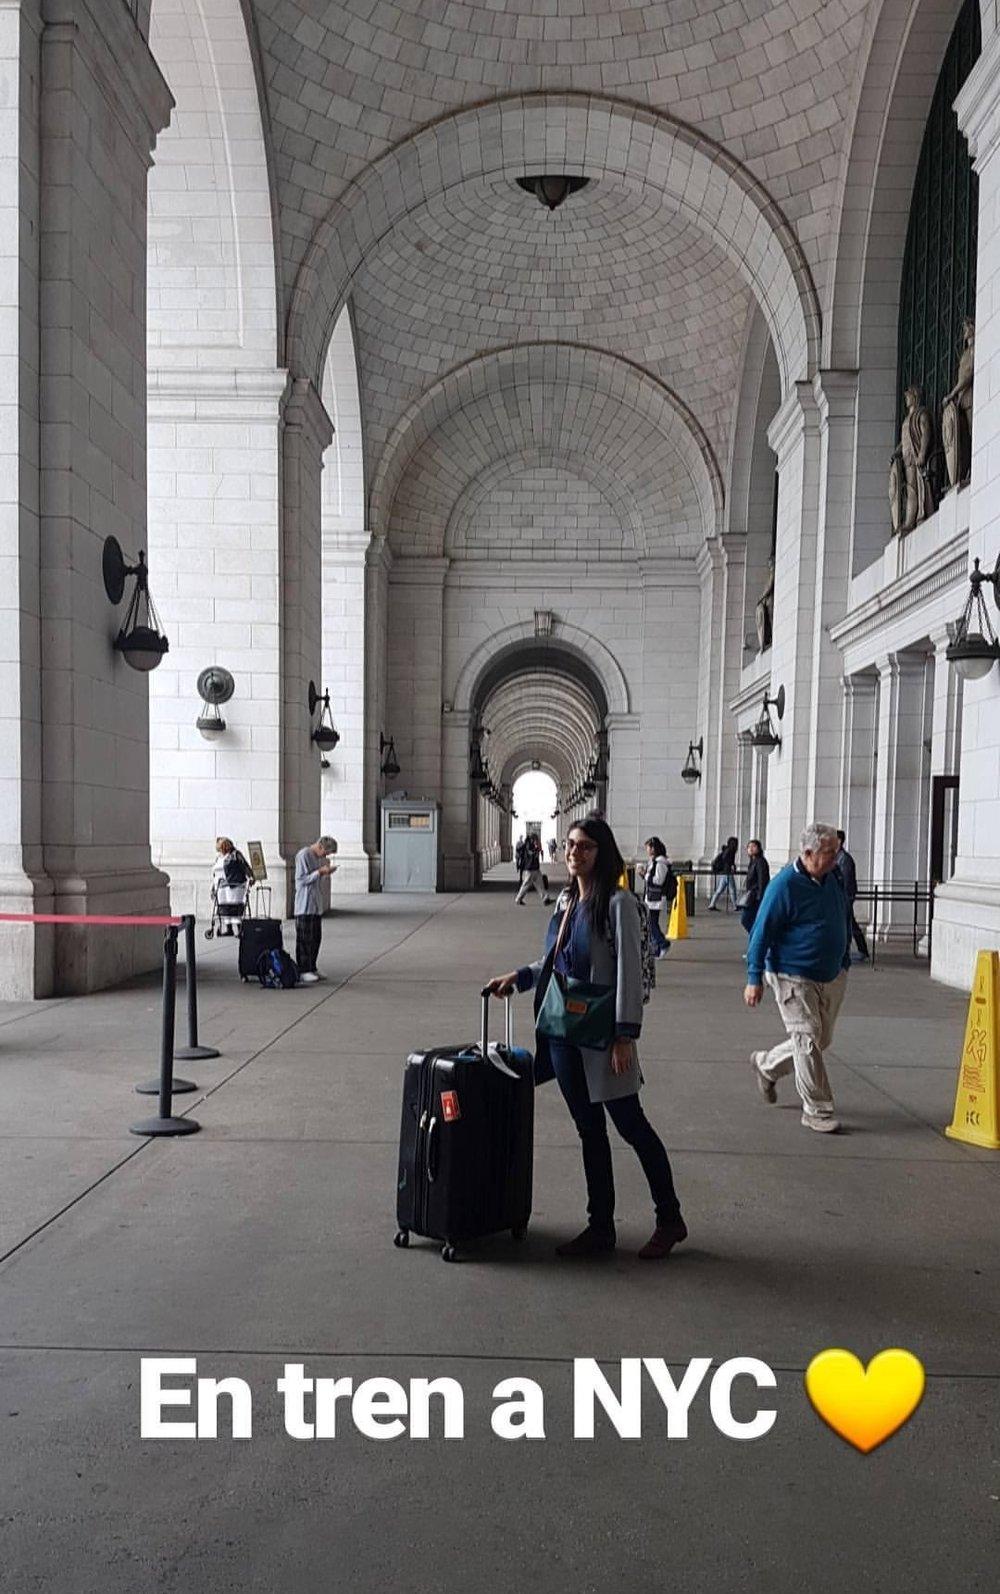 El programa comenzó con una semana de entrenamiento en Washington. Después de eso, cada becario va a la ciudad donde trabajará. Casi todos se fueron en avión, ¡a mi me tocó ir en tren!